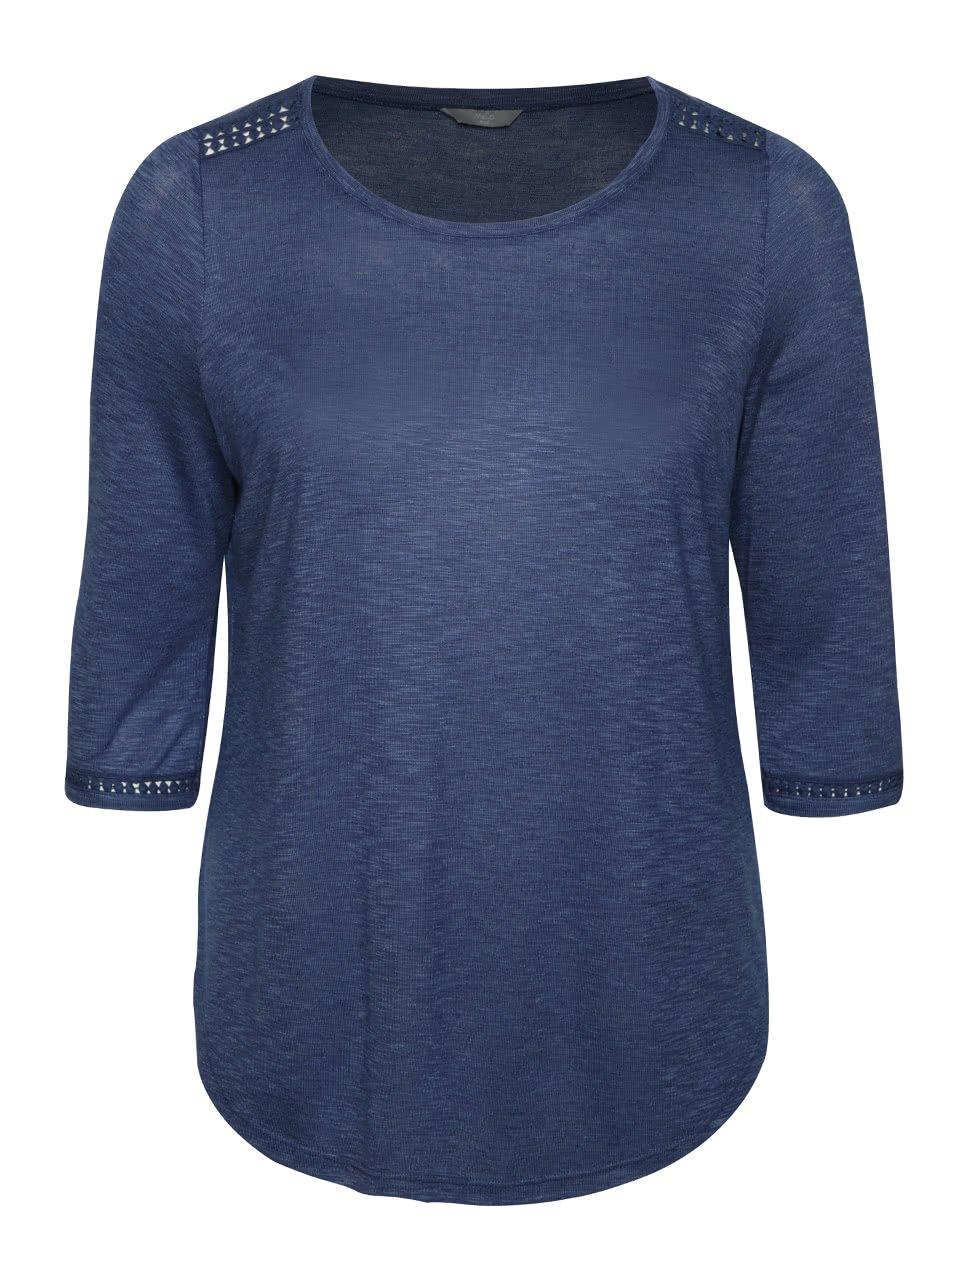 Modré žíhané dámské tričko s 3/4 rukávem M&Co